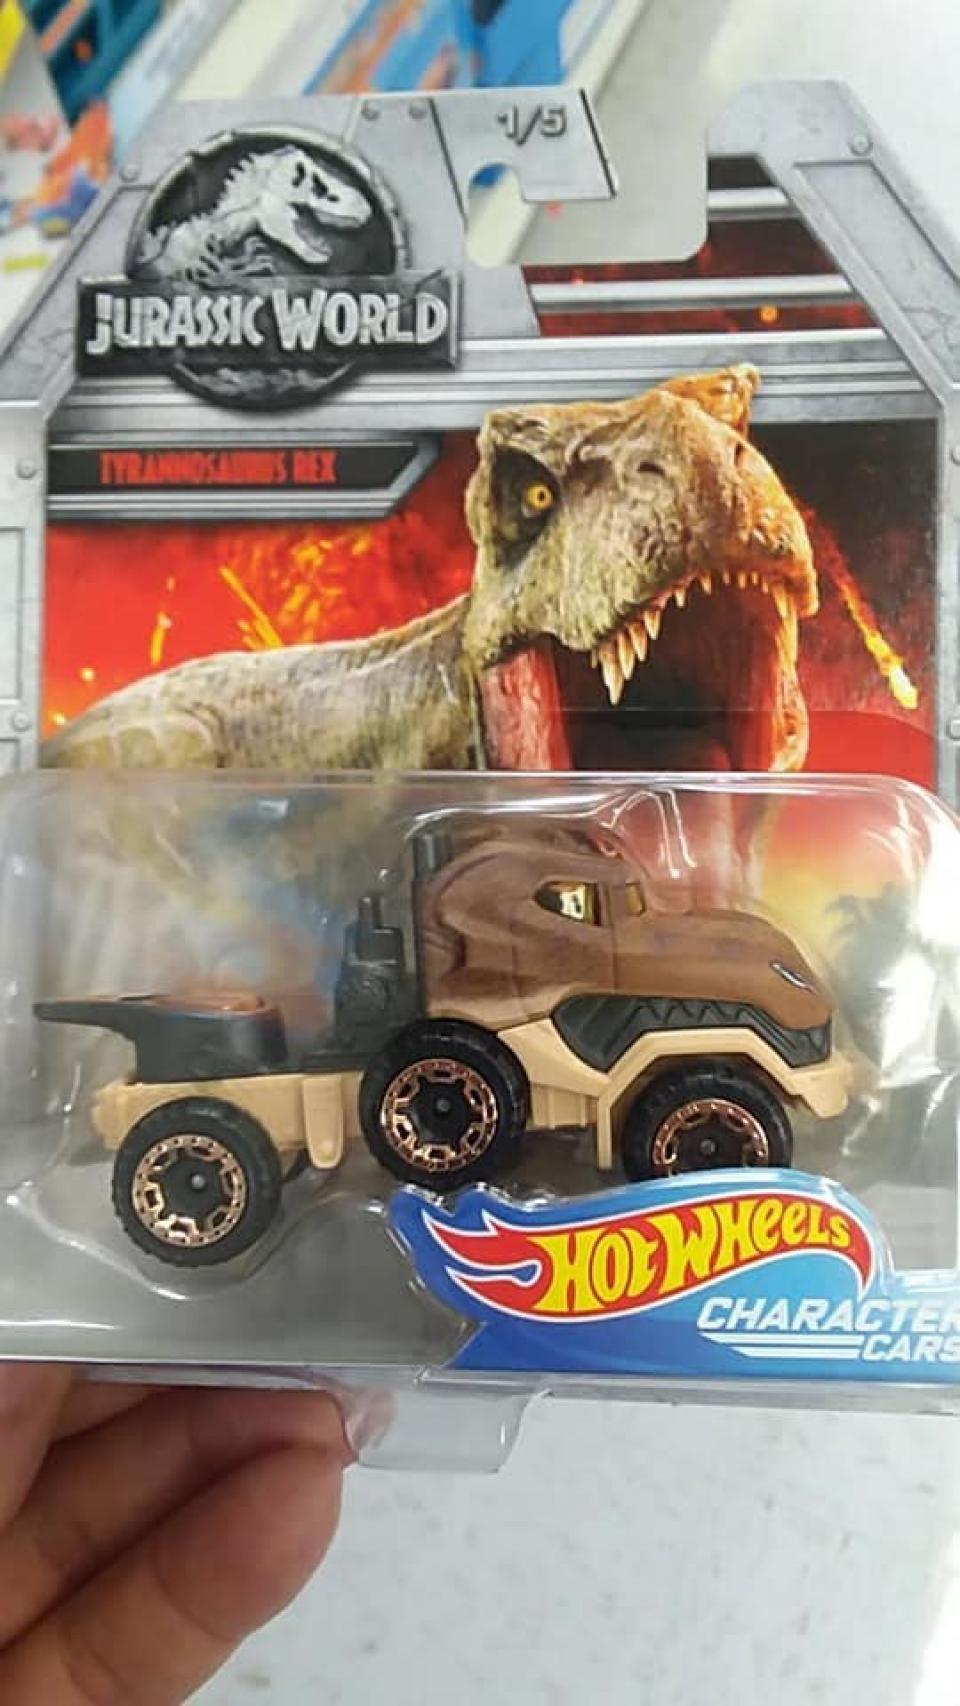 Nova Colecao Jurassic World Da Hot Wheels Colecionador Es Hot Wheels Carros De Brinquedo Para Criancas Jurassic World